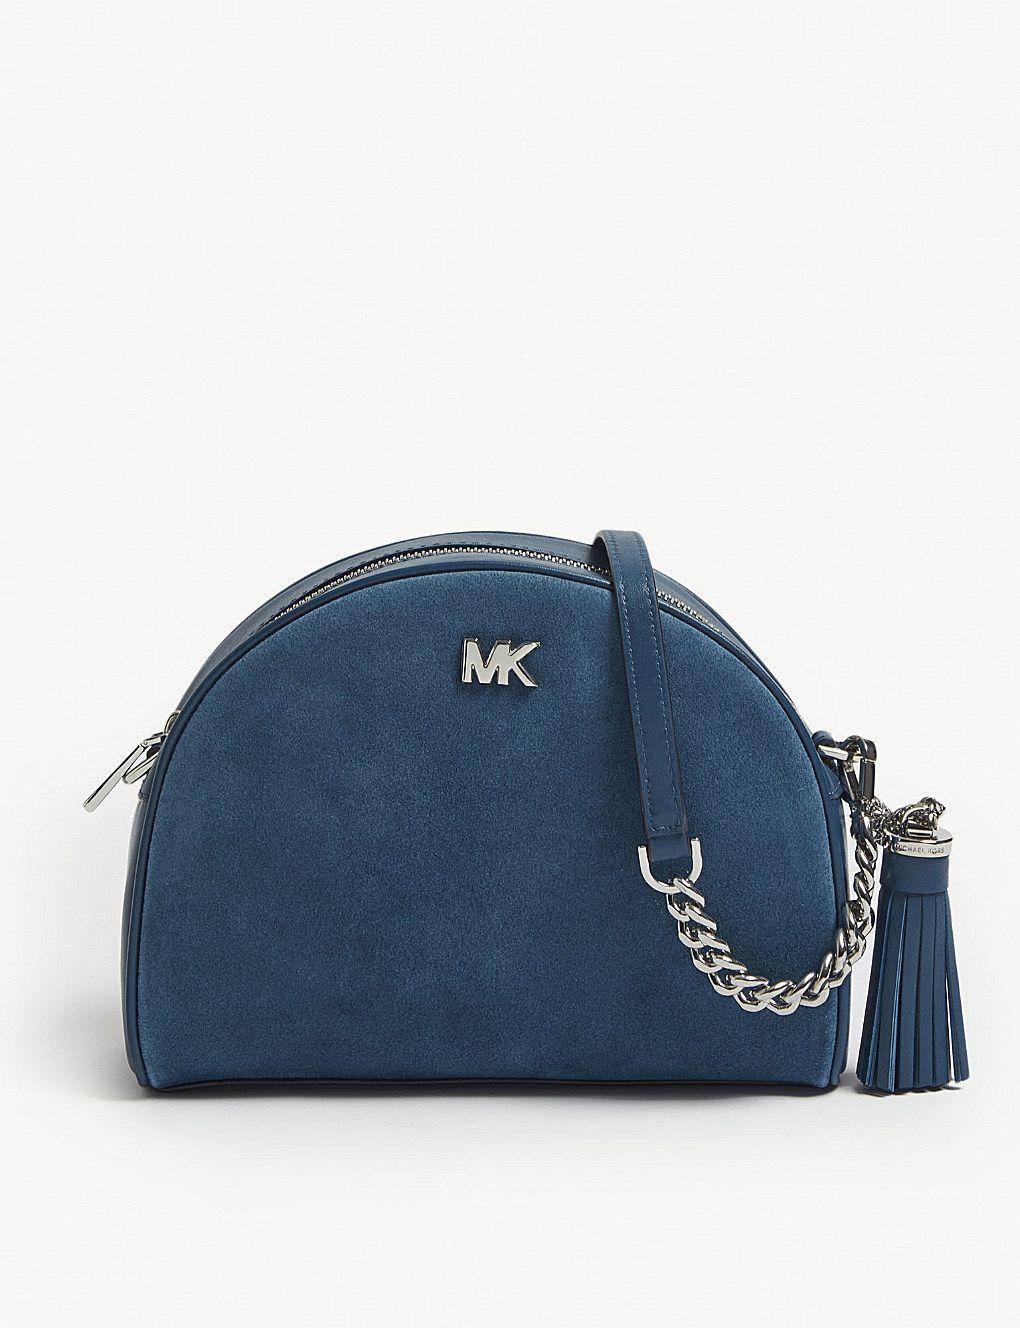 חנויות פופולריות מכירת הנחות חצי מחיר MICHAEL MICHAEL KORS Ginny leather half moon cross-body bag ...